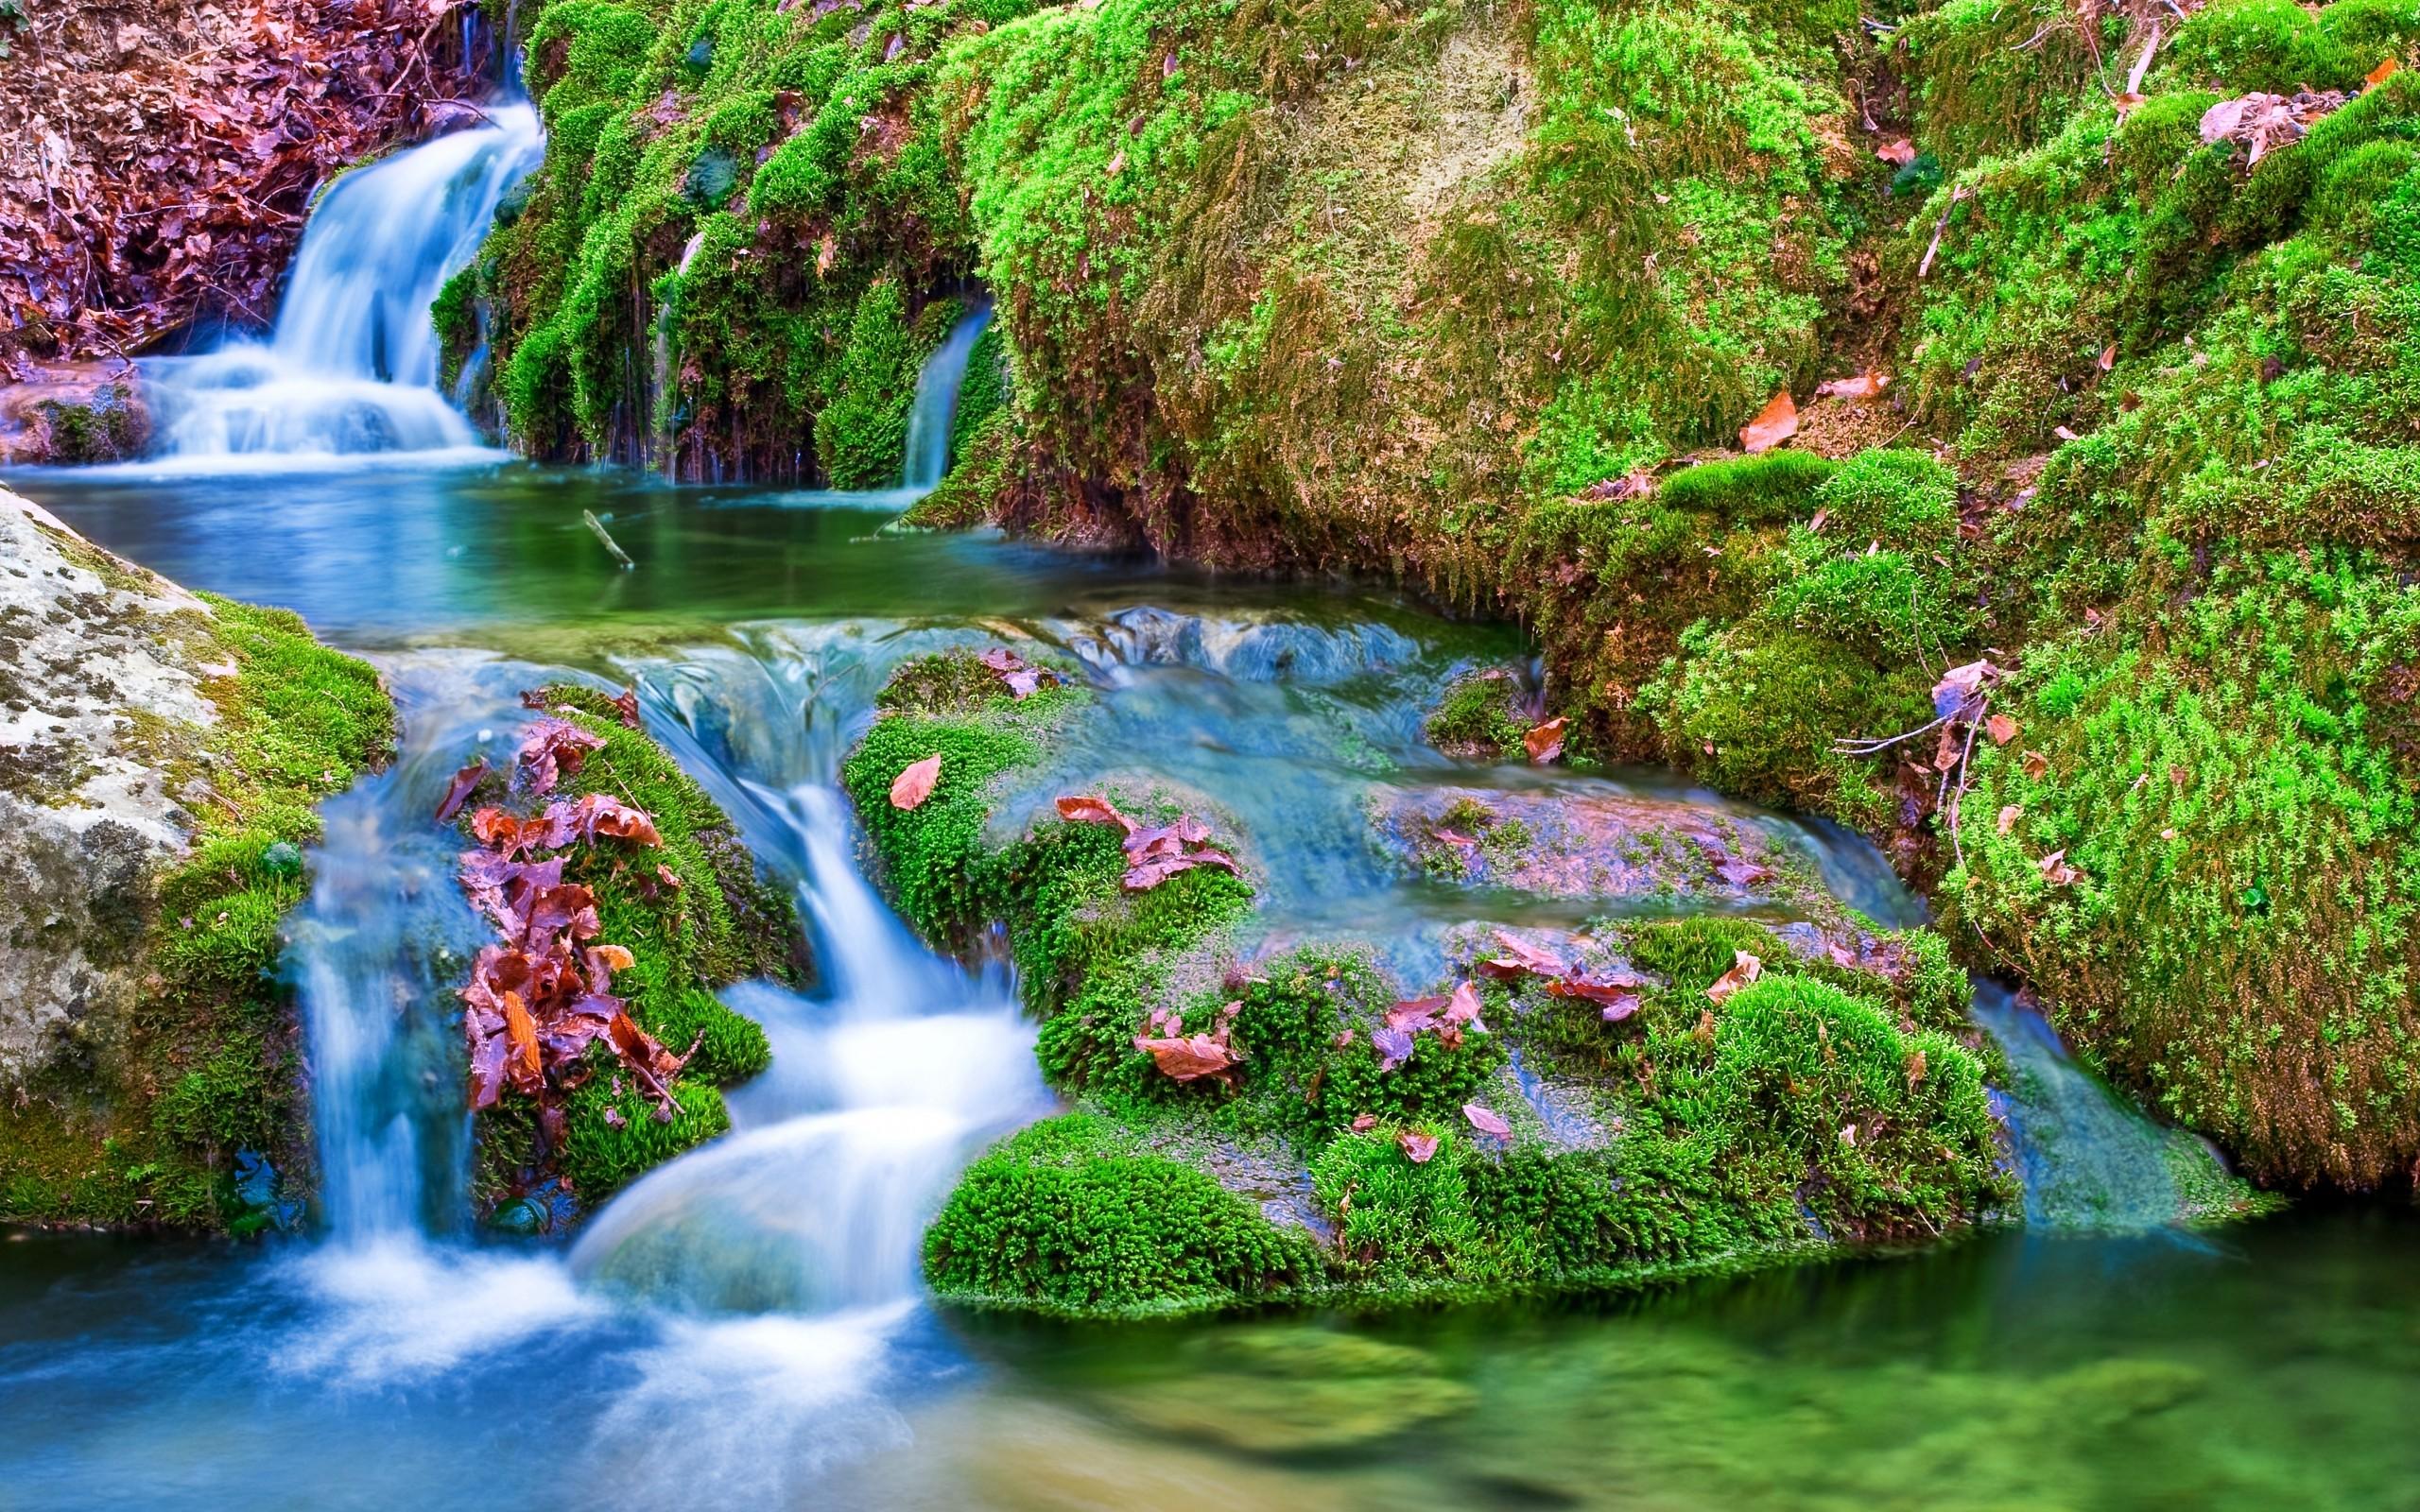 Waterfall Wallpaper HD 45990 2560x1600px